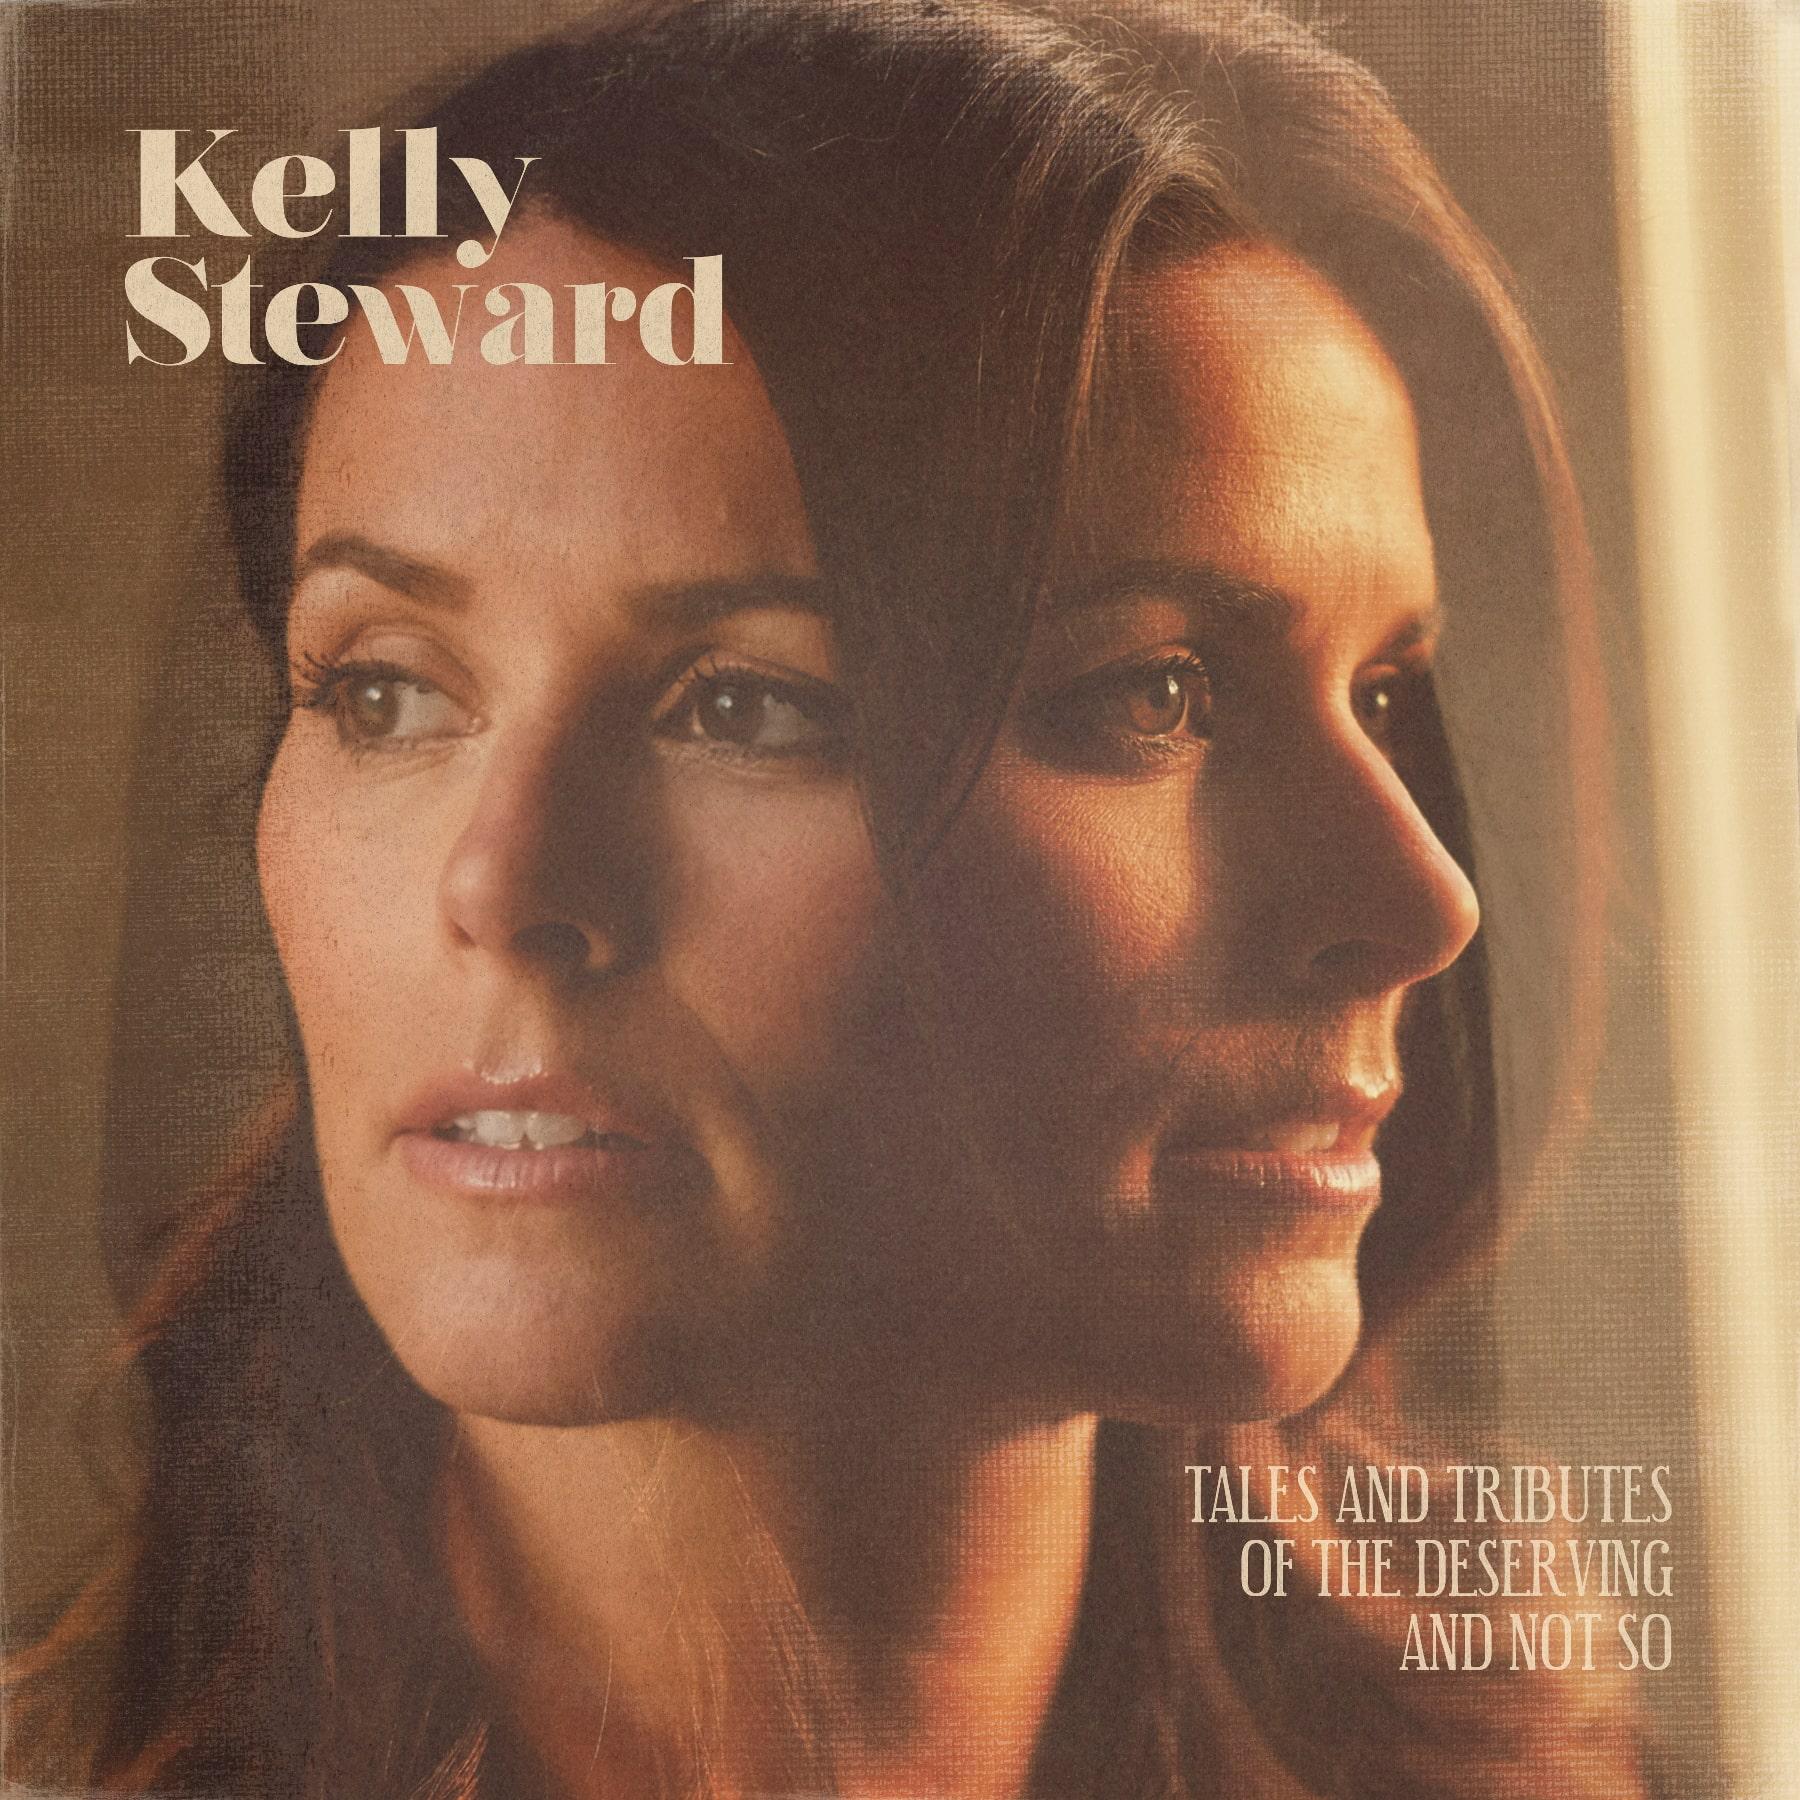 Kelly Steward album cover